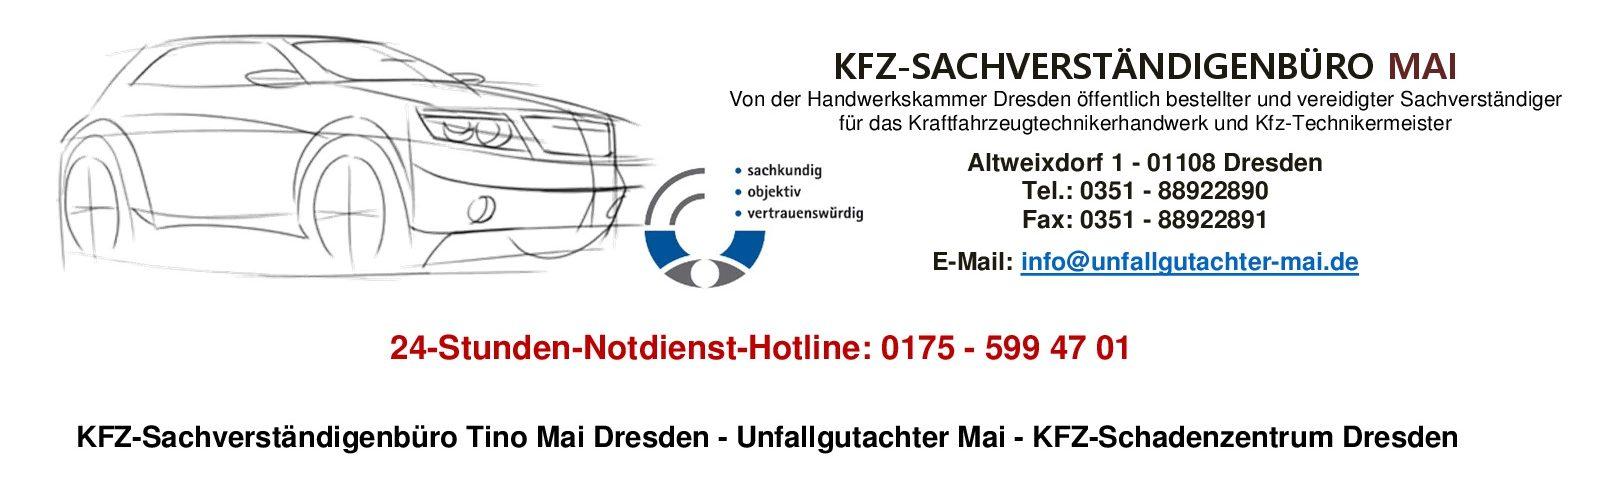 KFZ-Sachverständigenbüro Tino Mai Dresden – Unfallgutachter Mai